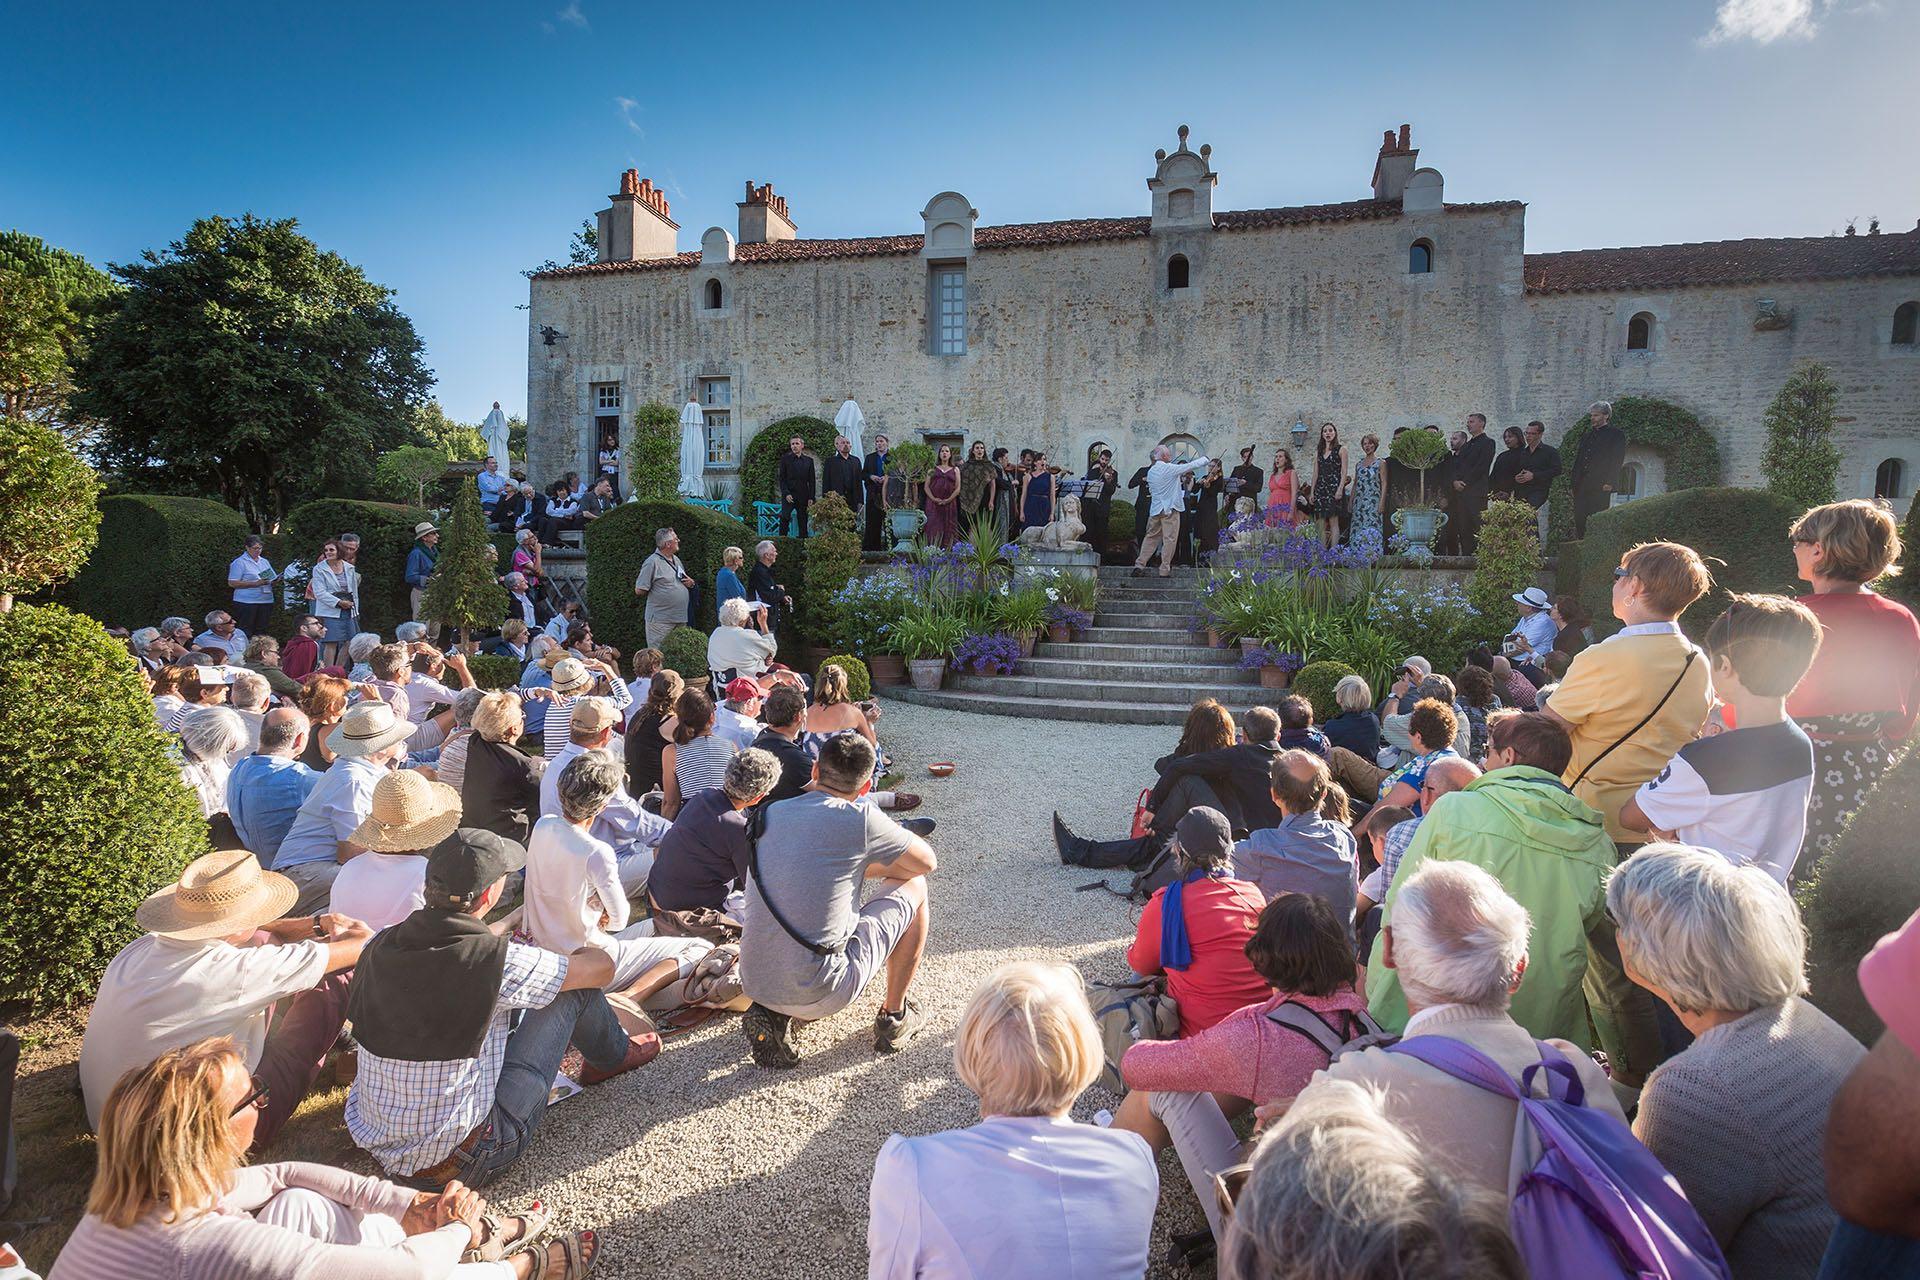 News dans les jardins de william christie a festival - Festival dans les jardins de william christie ...